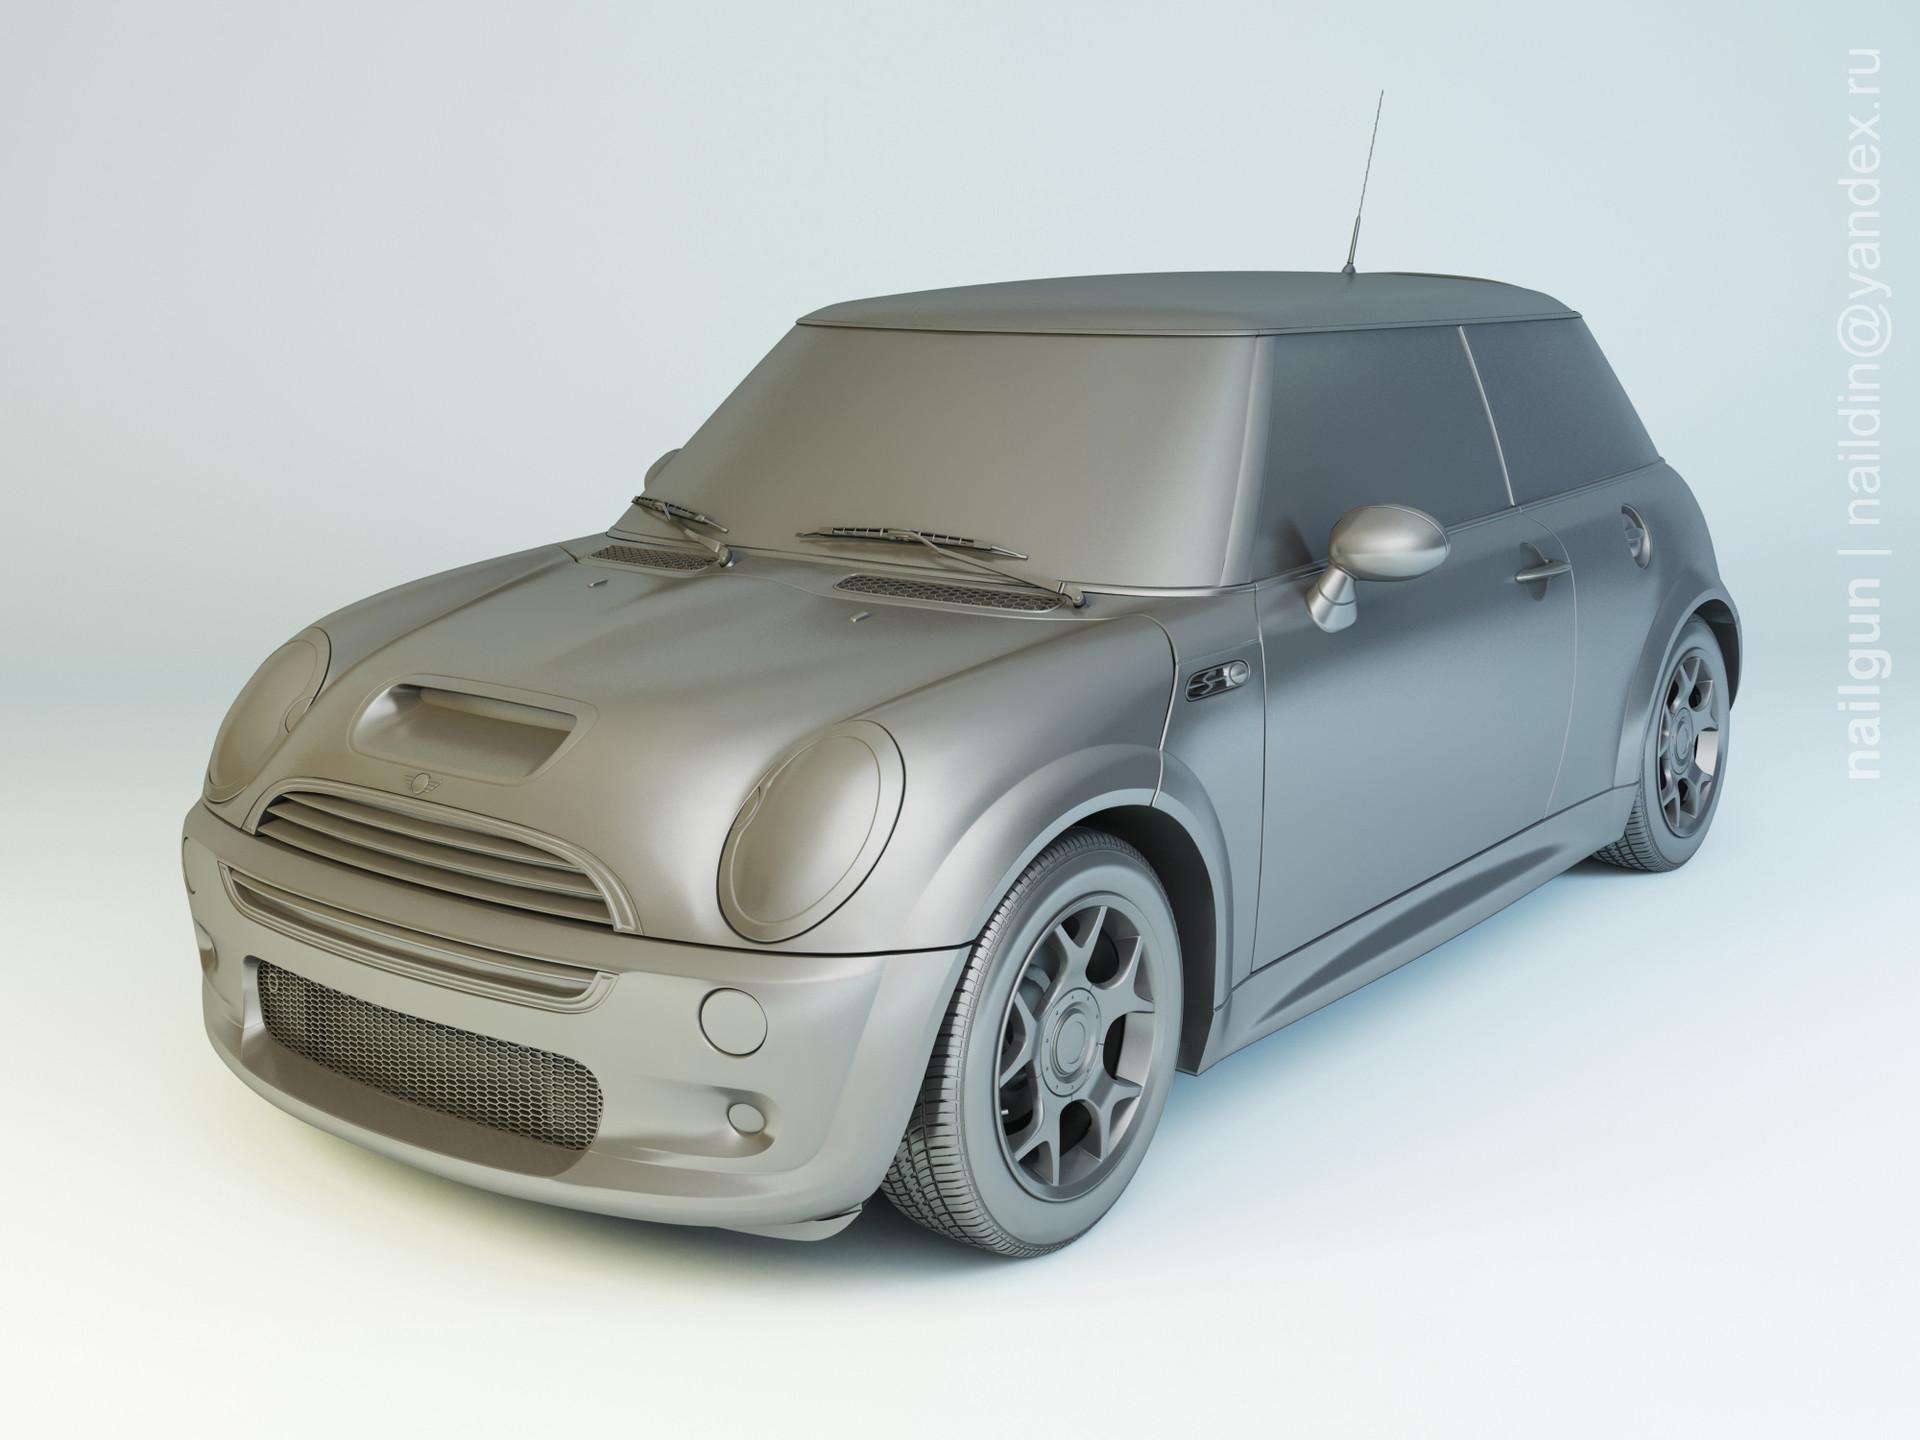 Nail khusnutdinov pwc 040 001 mini cooper modelling 0